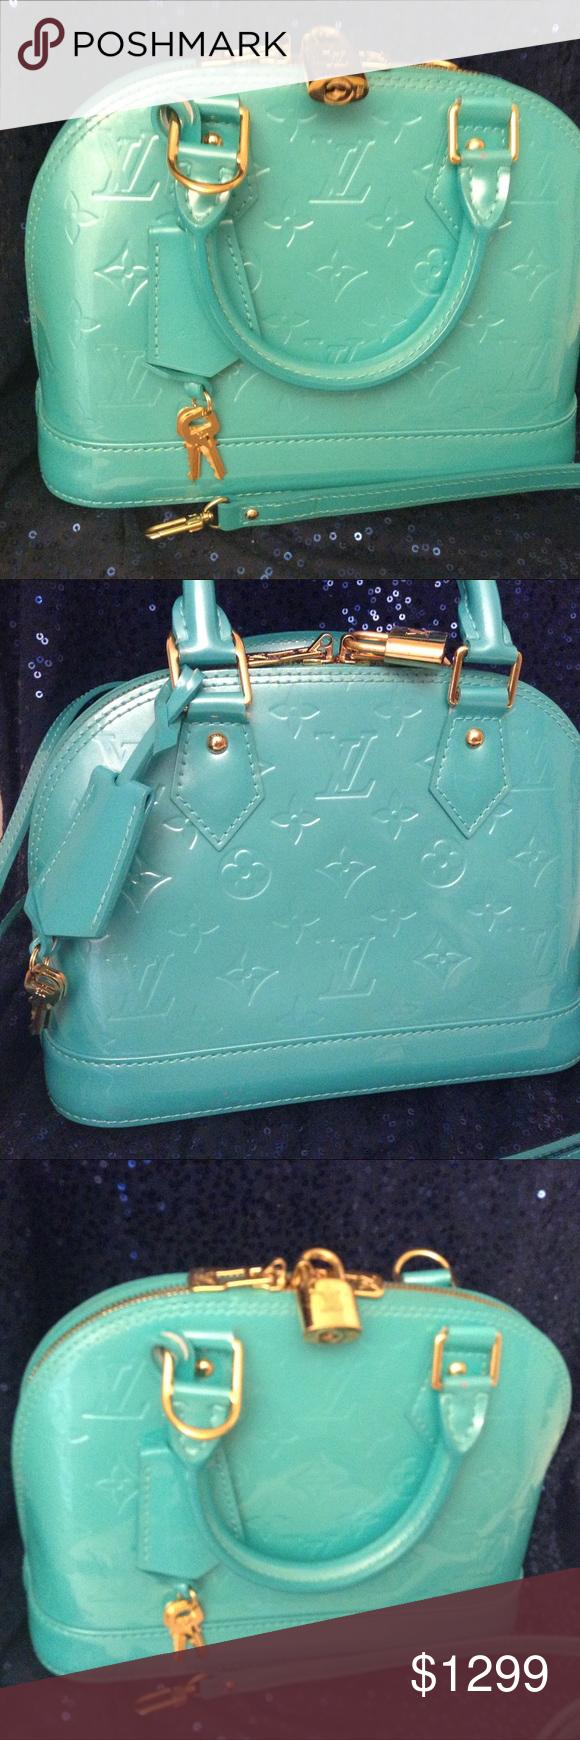 6820e67bb985 Louis Vuitton Blue Lagoon Handbag Louis Vuitton Blue Lagoon Vernis Patent  Leather Monogram Handbag - measurement match bb size. Louis Vuitton Bags